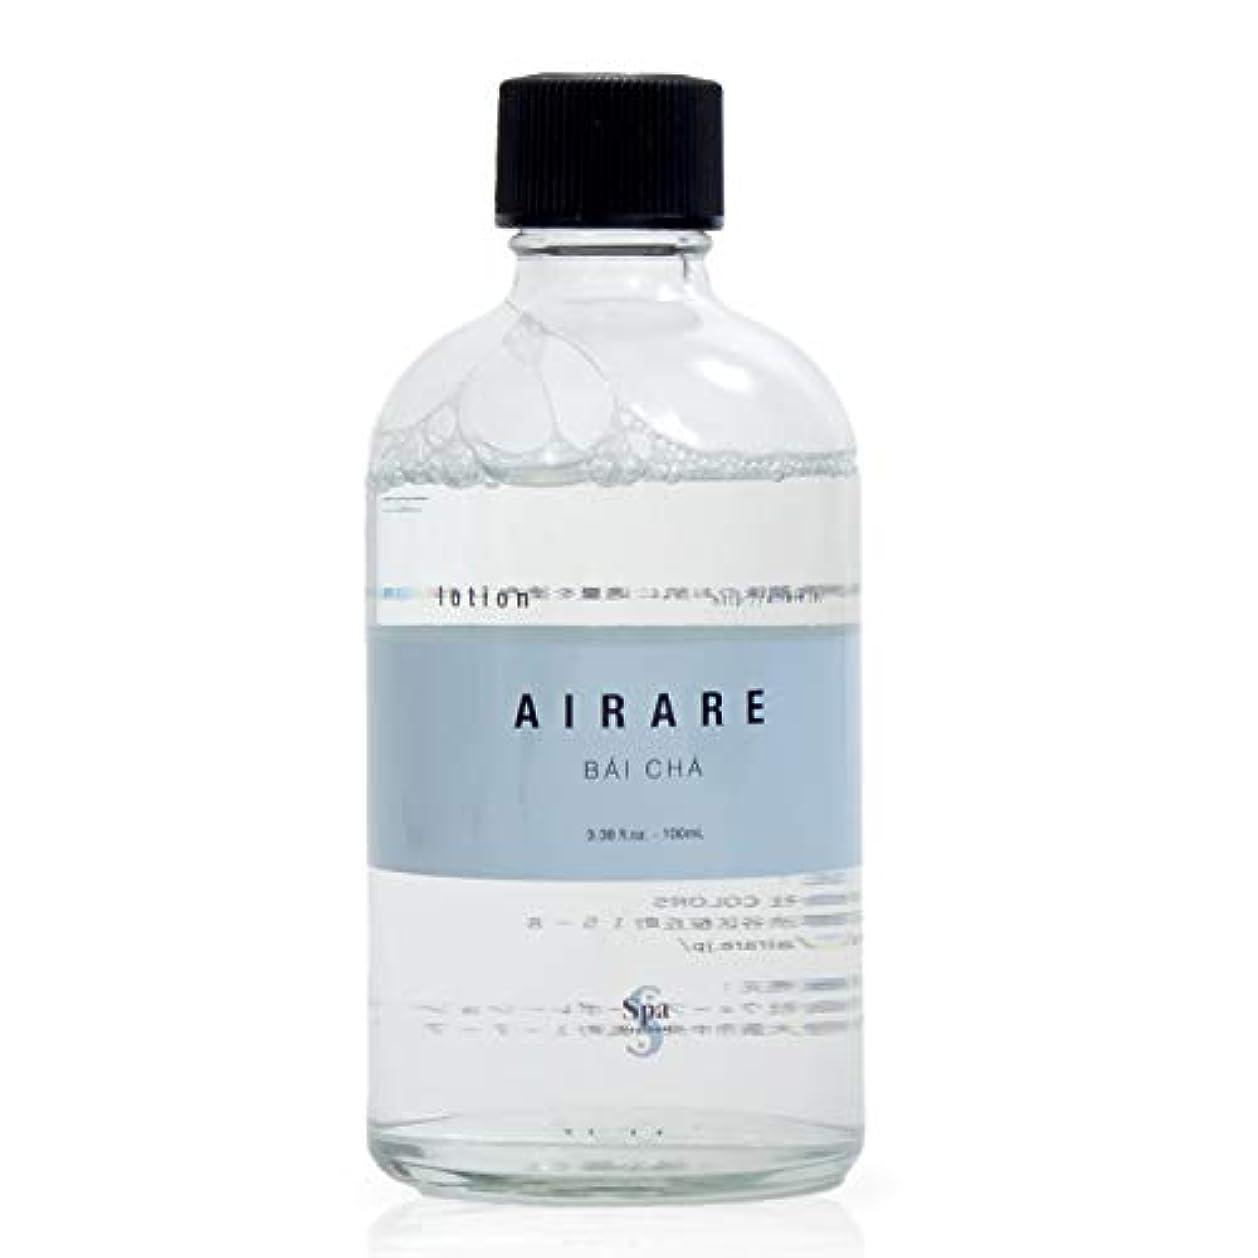 広告主知性効果アール ローション 化粧水 AIRARE BAICHA 白茶と豊富なアルプスのミネラルを配合